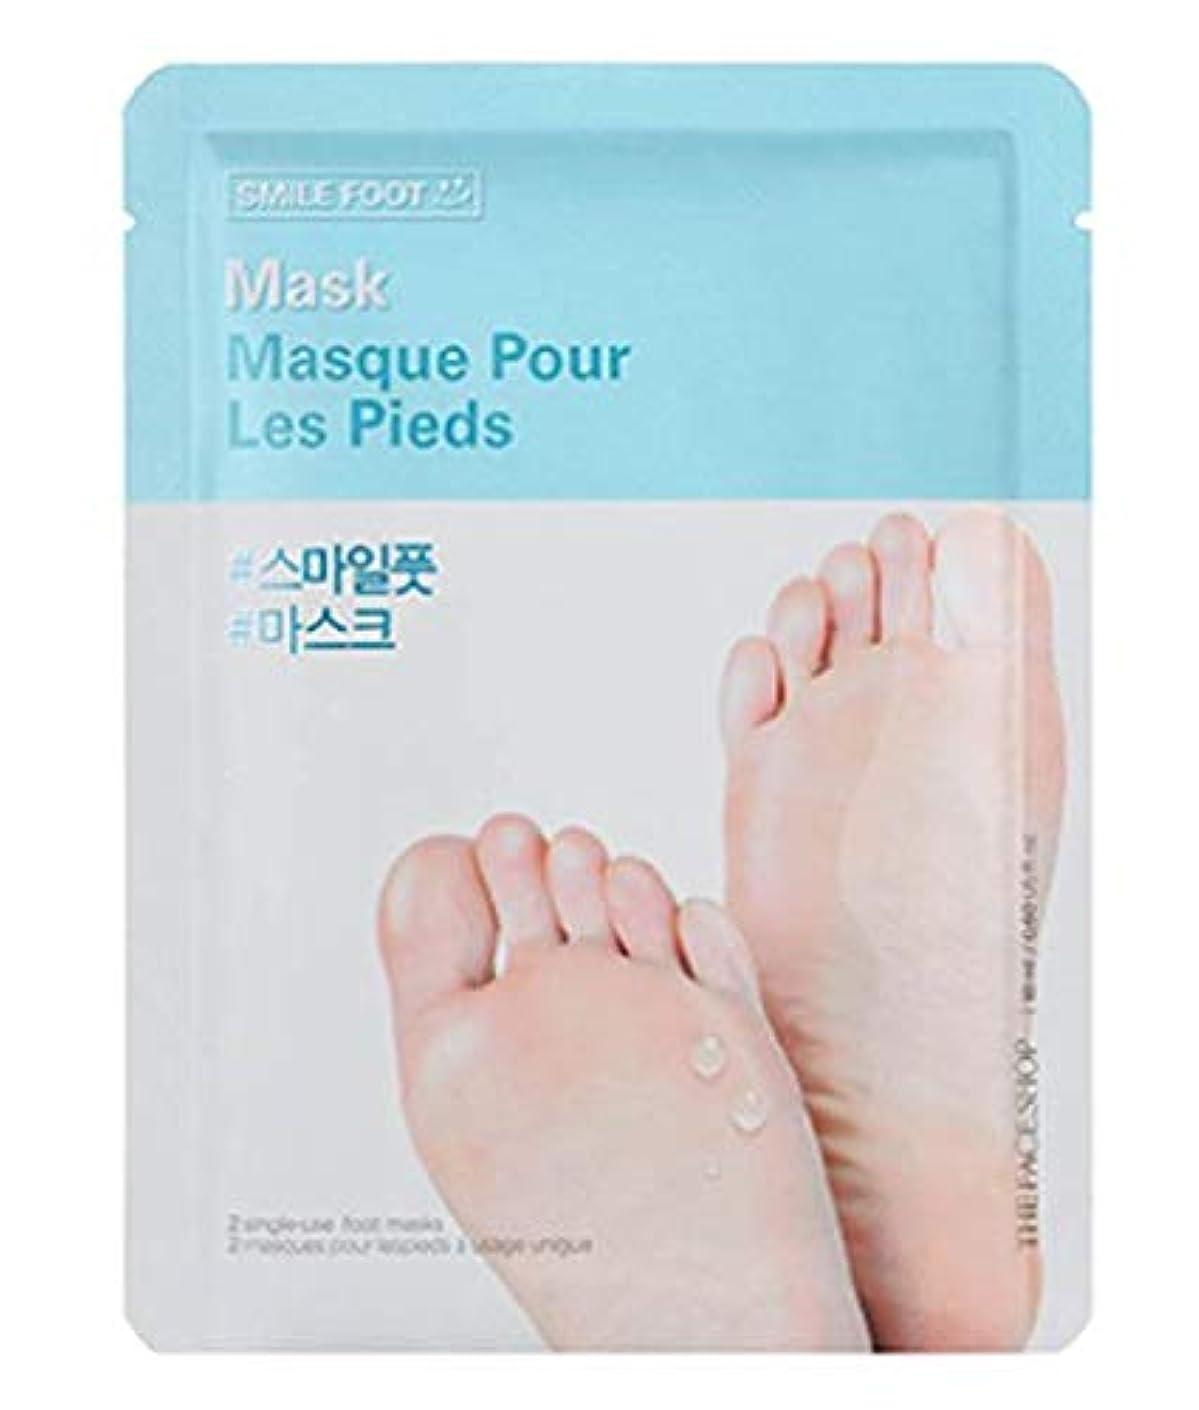 海岸勧告ユーモラスTHE FACE SHOP Smile Foot Mask 3p ザフェイスショップ スマイル フットマスク 3枚 [並行輸入品]